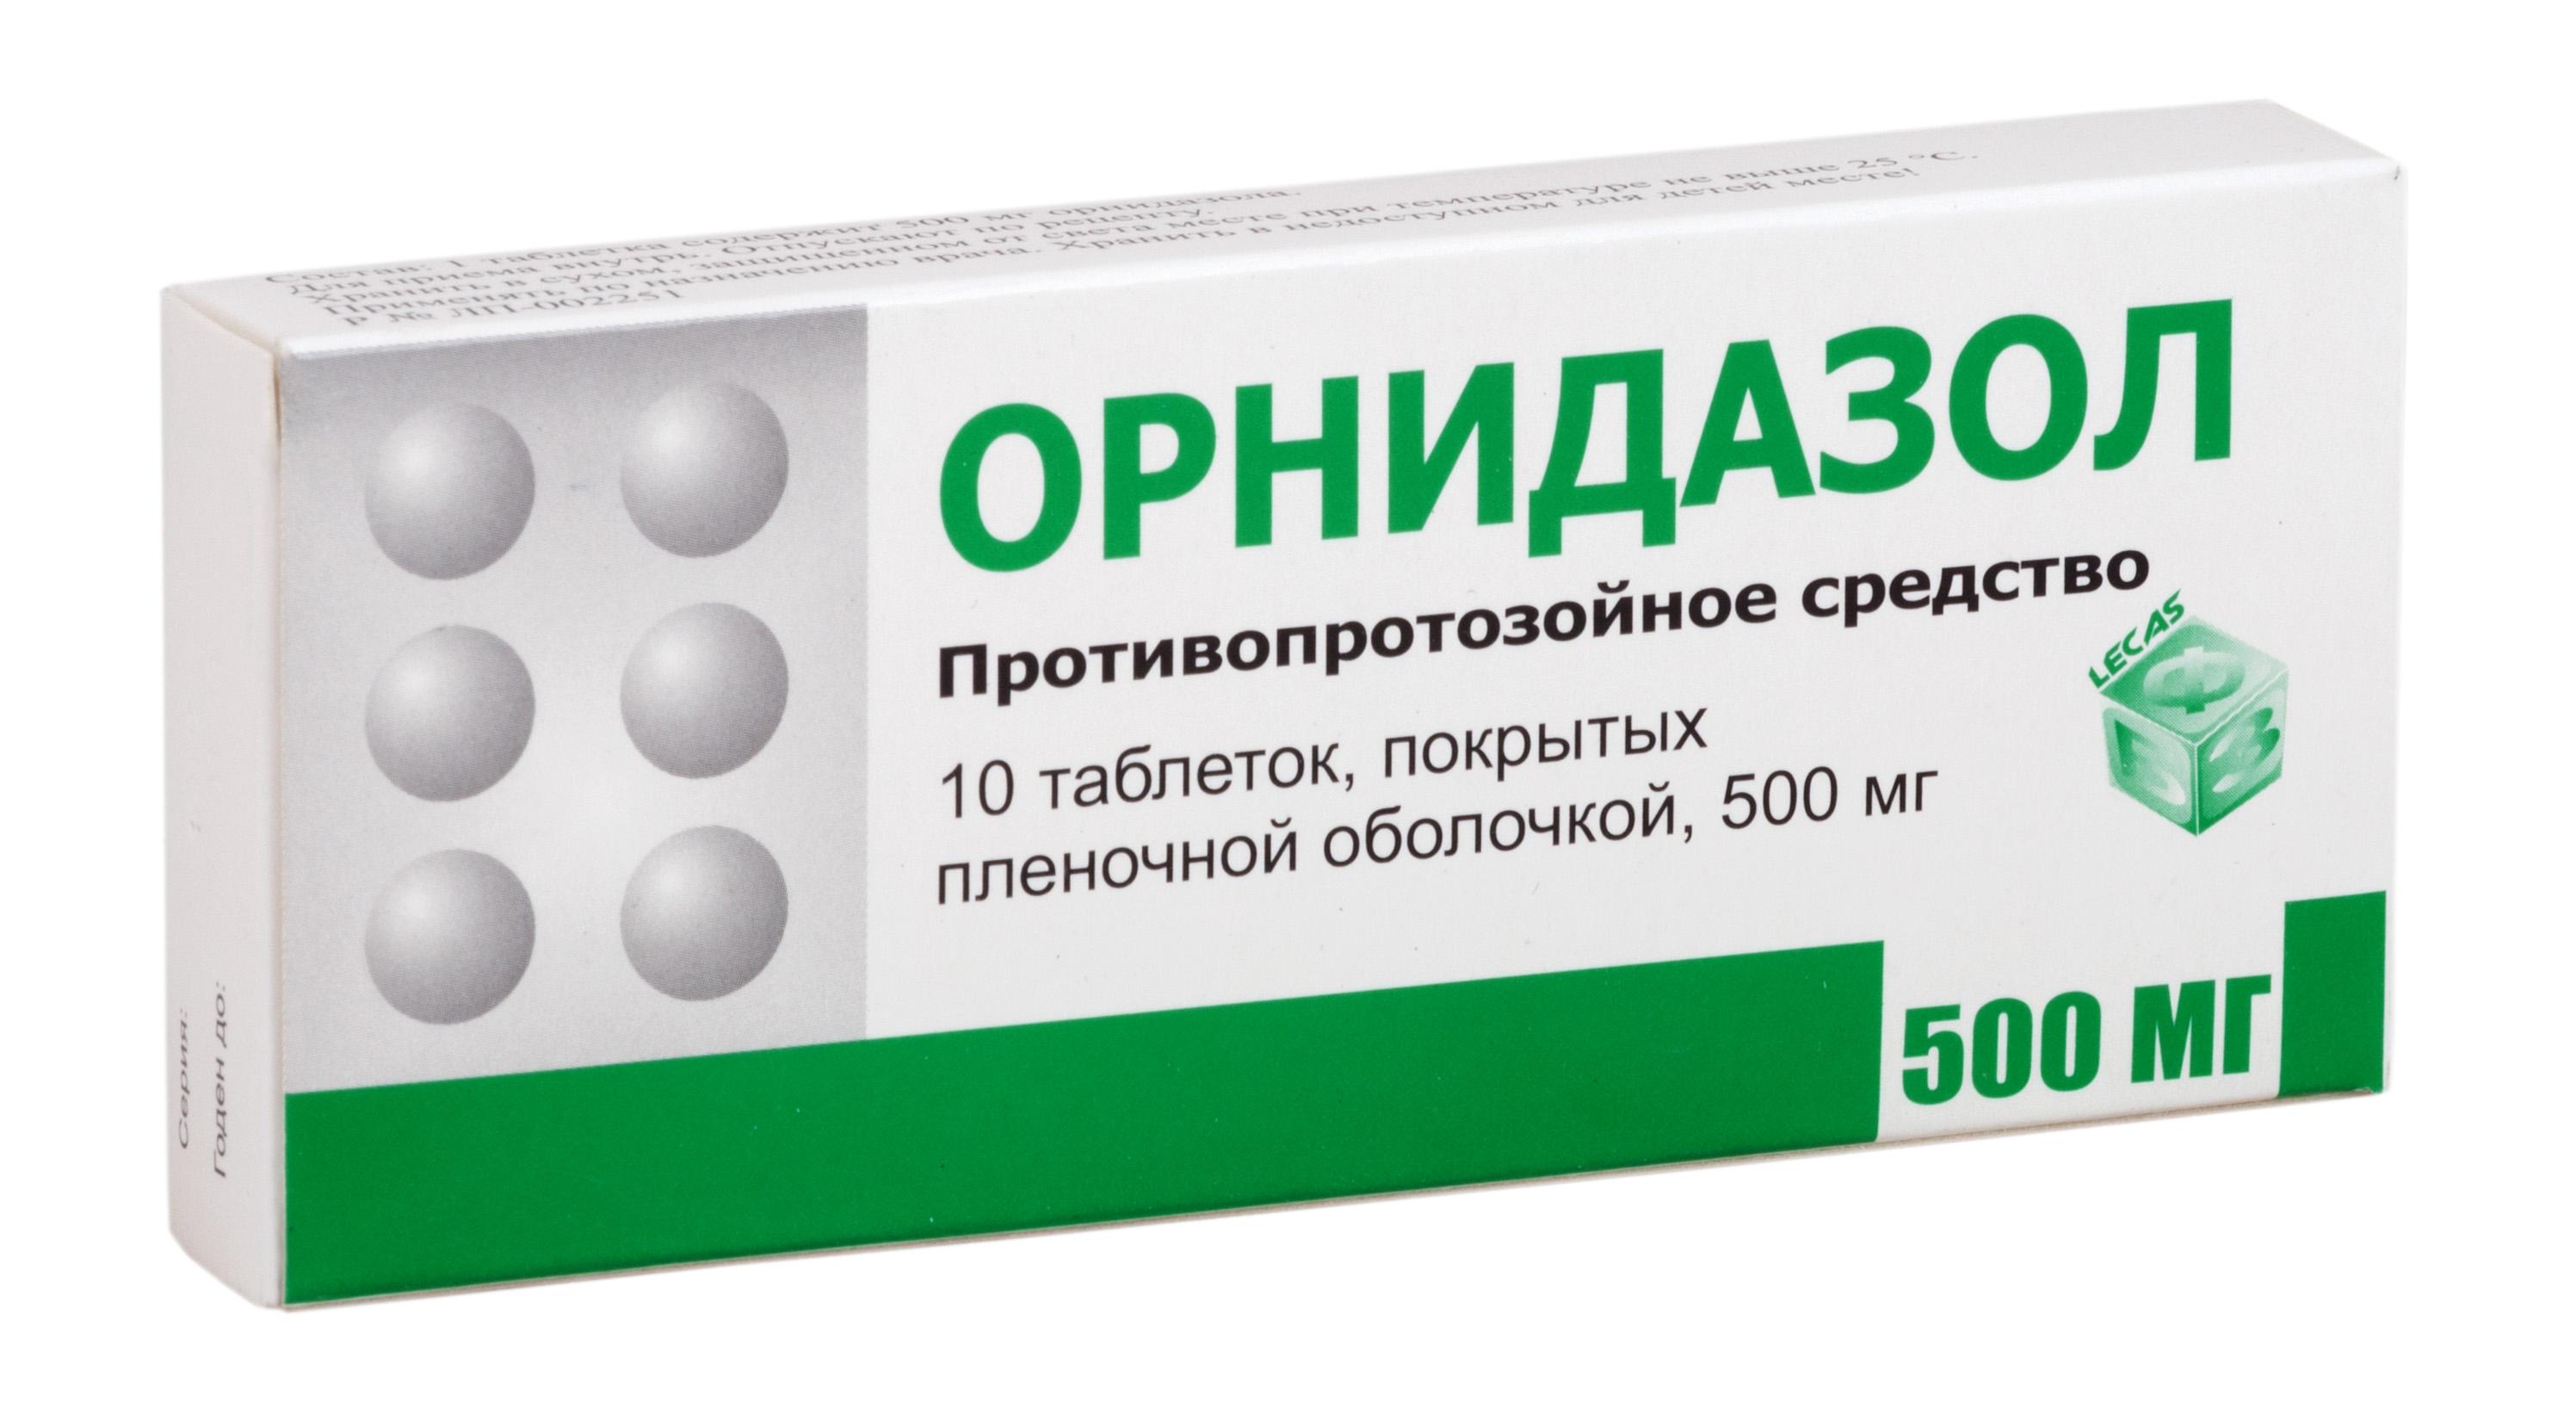 Орнидазол таблетки п.п.о. 500мг №10 Березовский завод